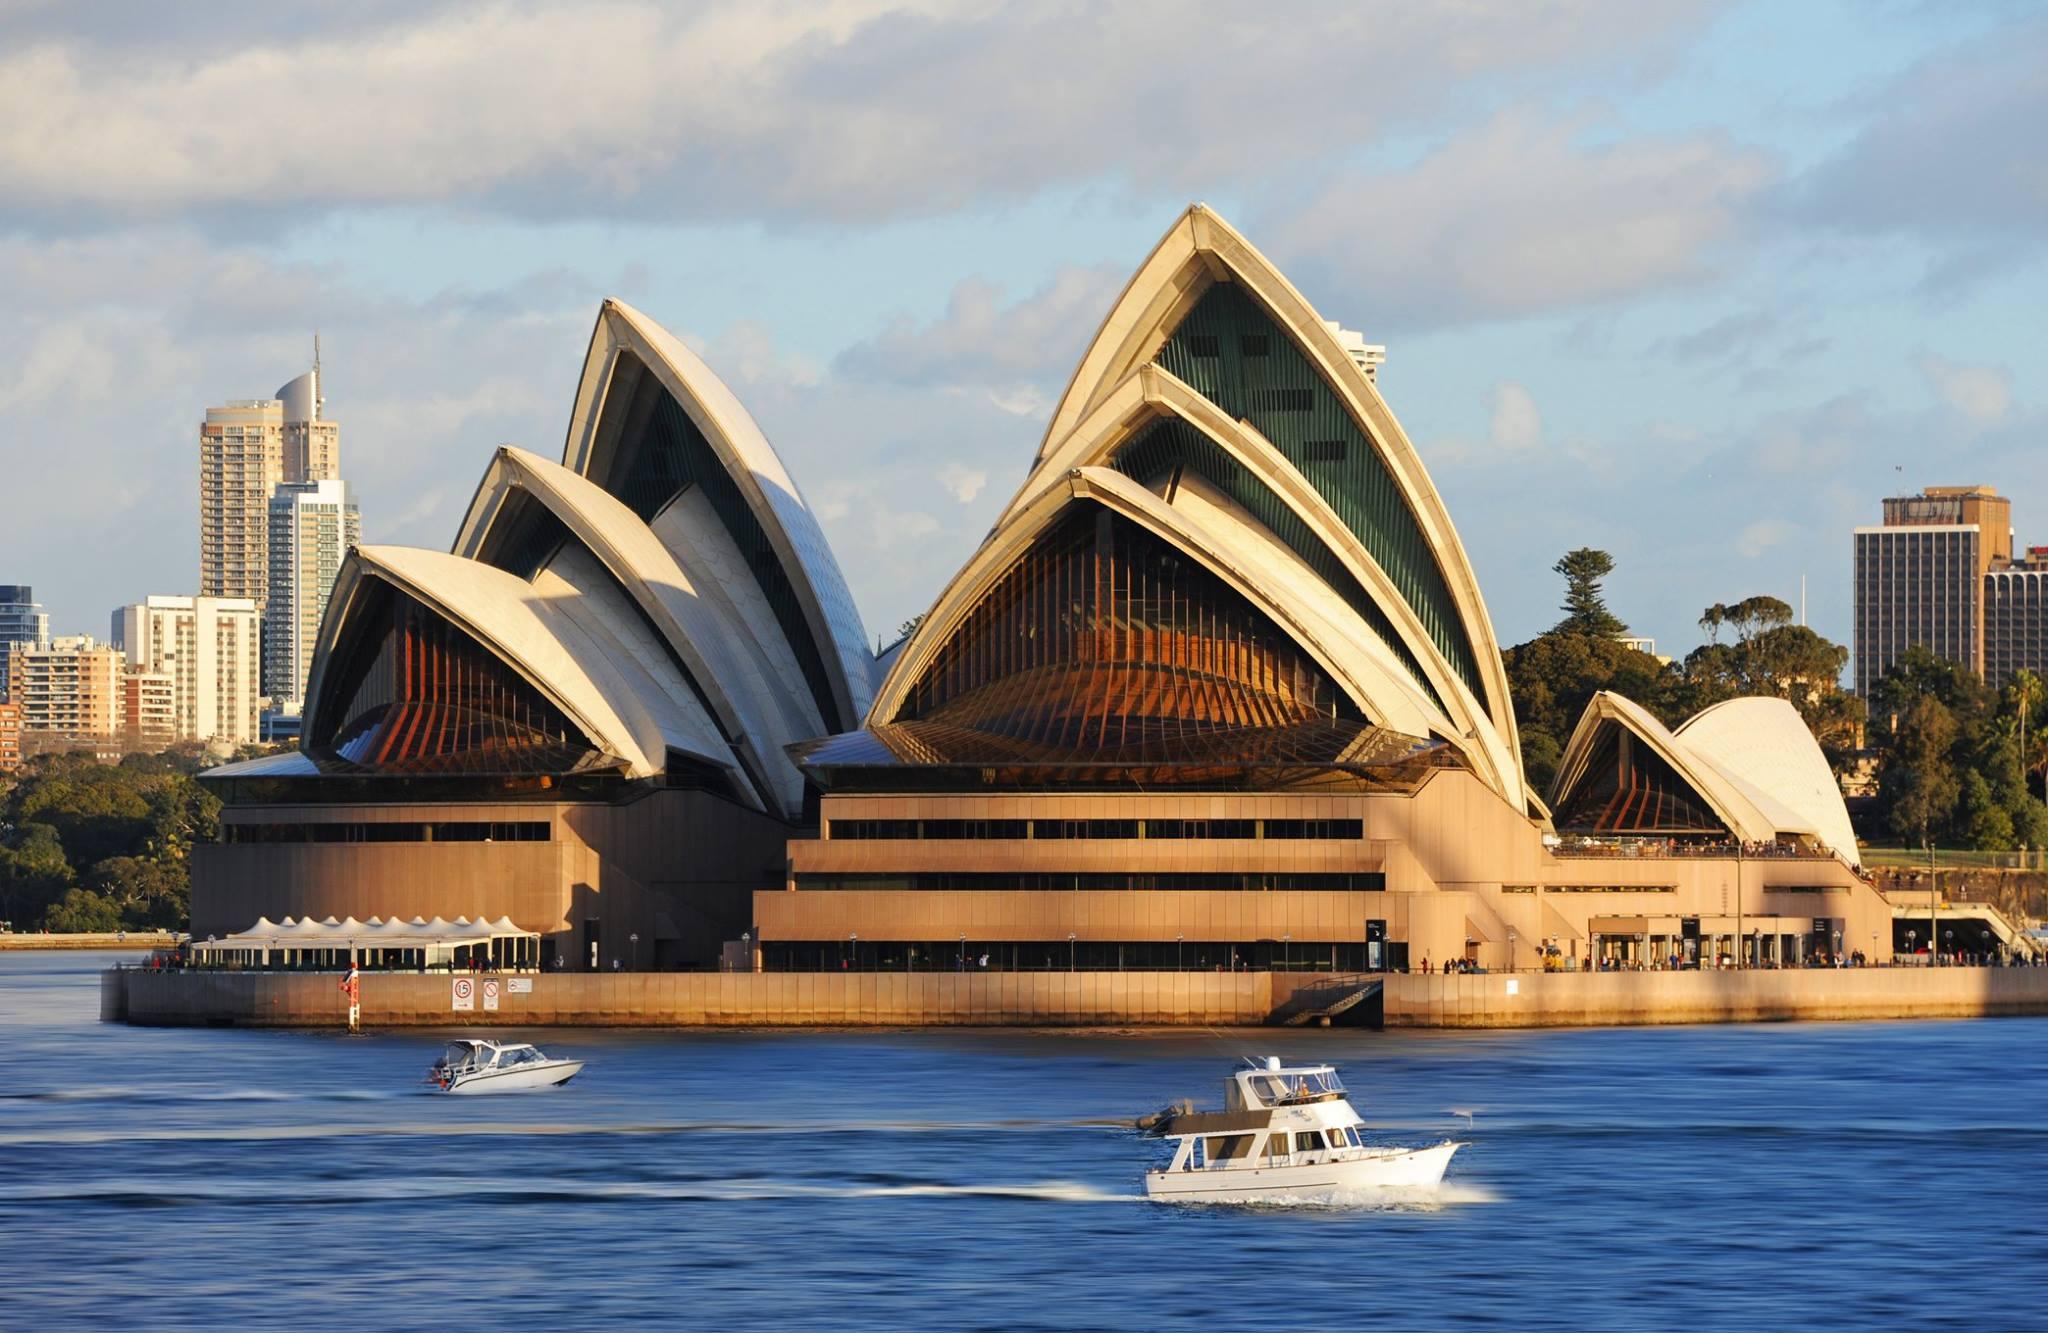 Dịch vụ chuyển phát nhanh sách báo, tài liệu đi Australia